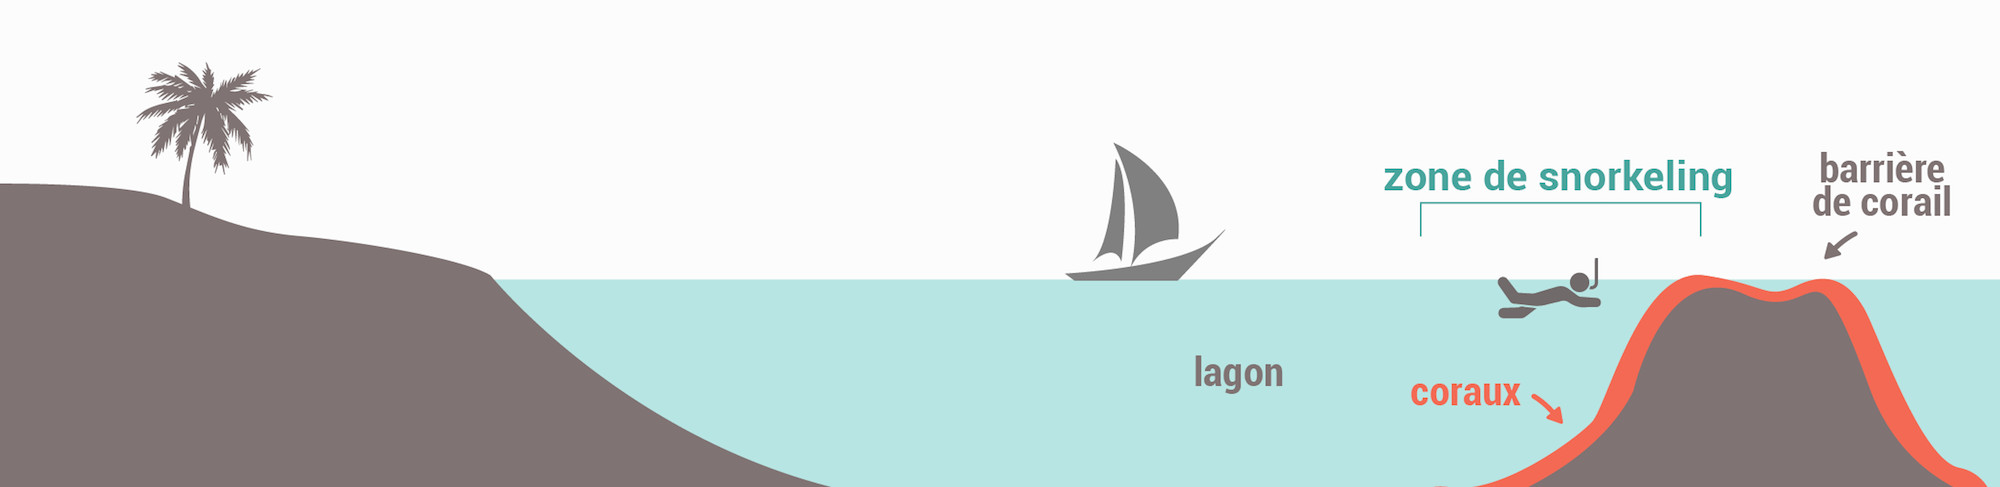 Les types de spots de snorkeling - Récif barrière